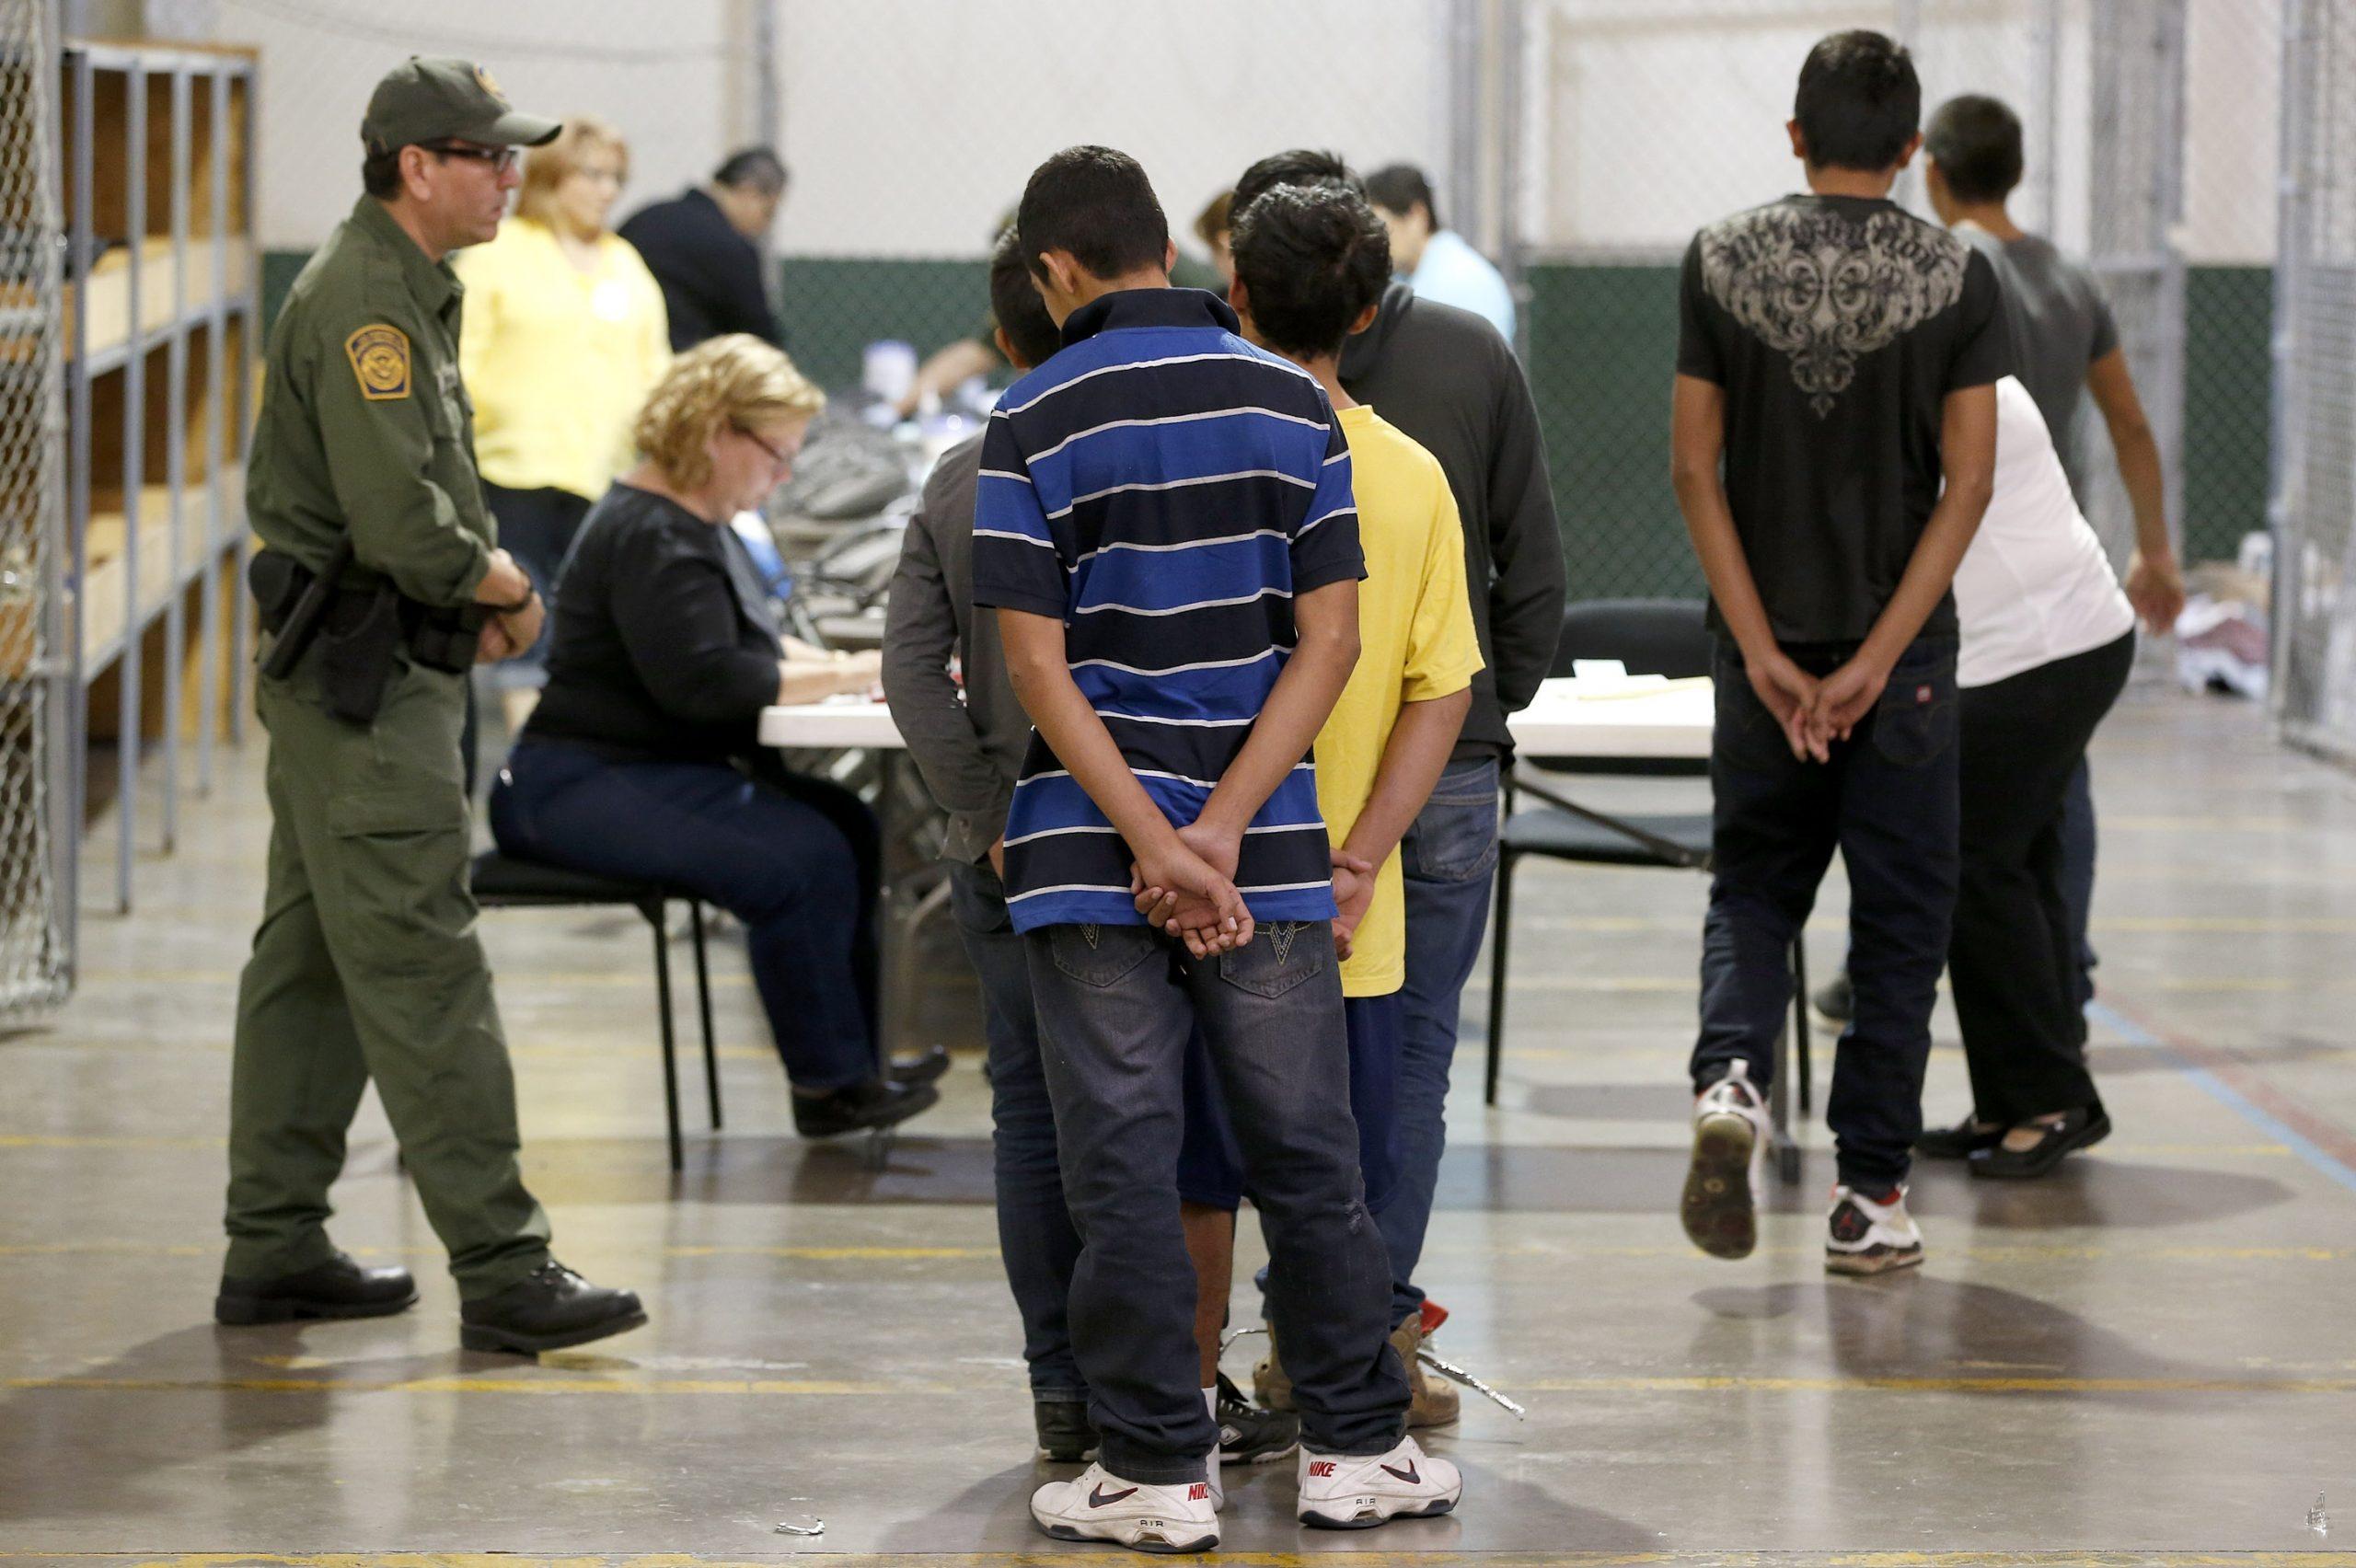 Estados Unidos expulsa a niños y adolescentes inmigrantes bajo medida de emergencia por covid-19